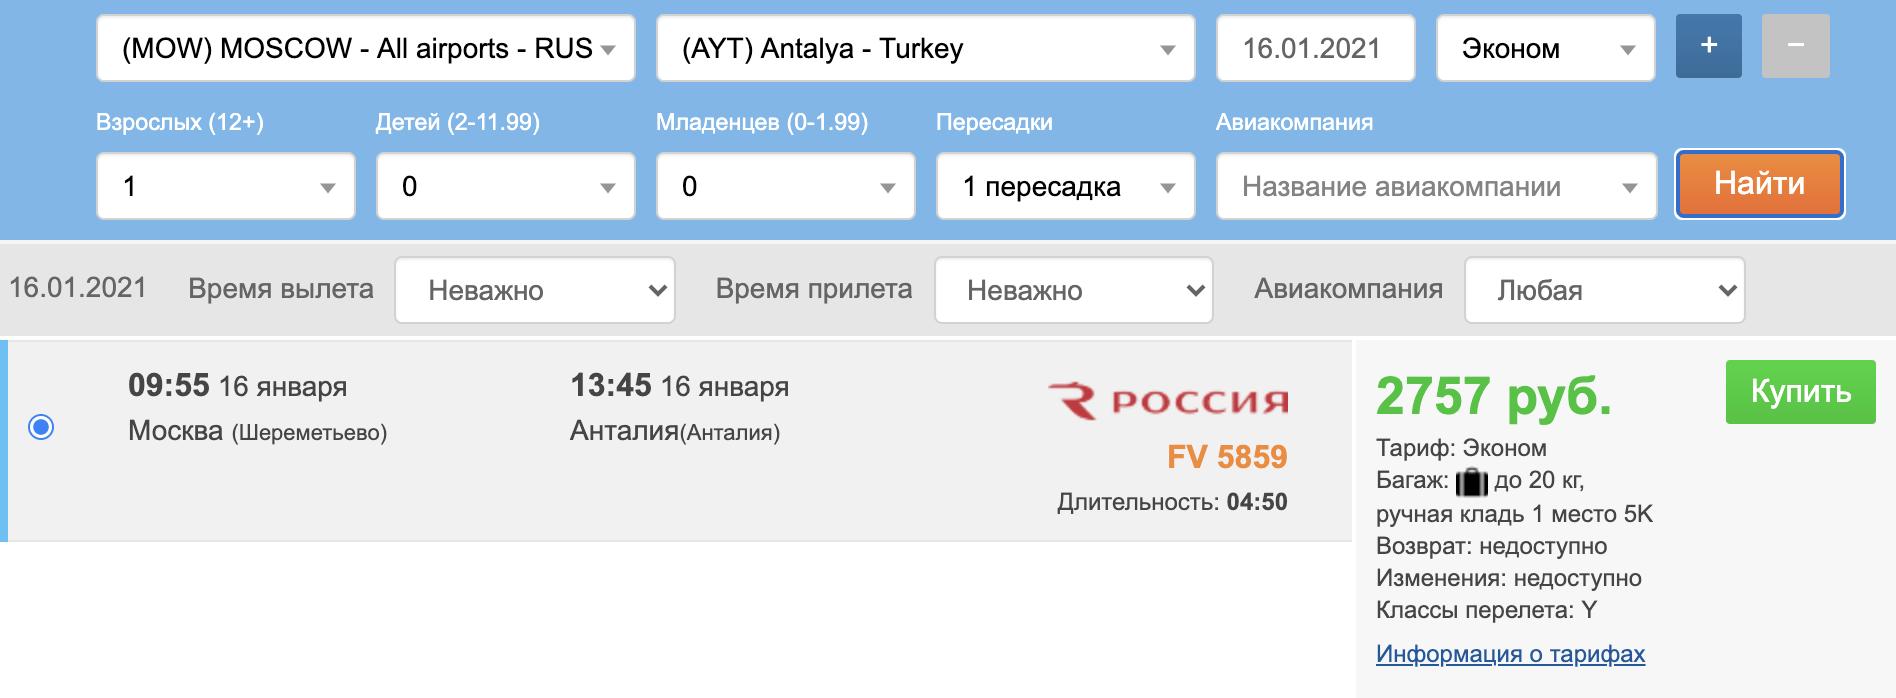 Для самостоятельных! Дешевые чартеры из Москвы и СПб в Анталью от 5980₽ туда-обратно